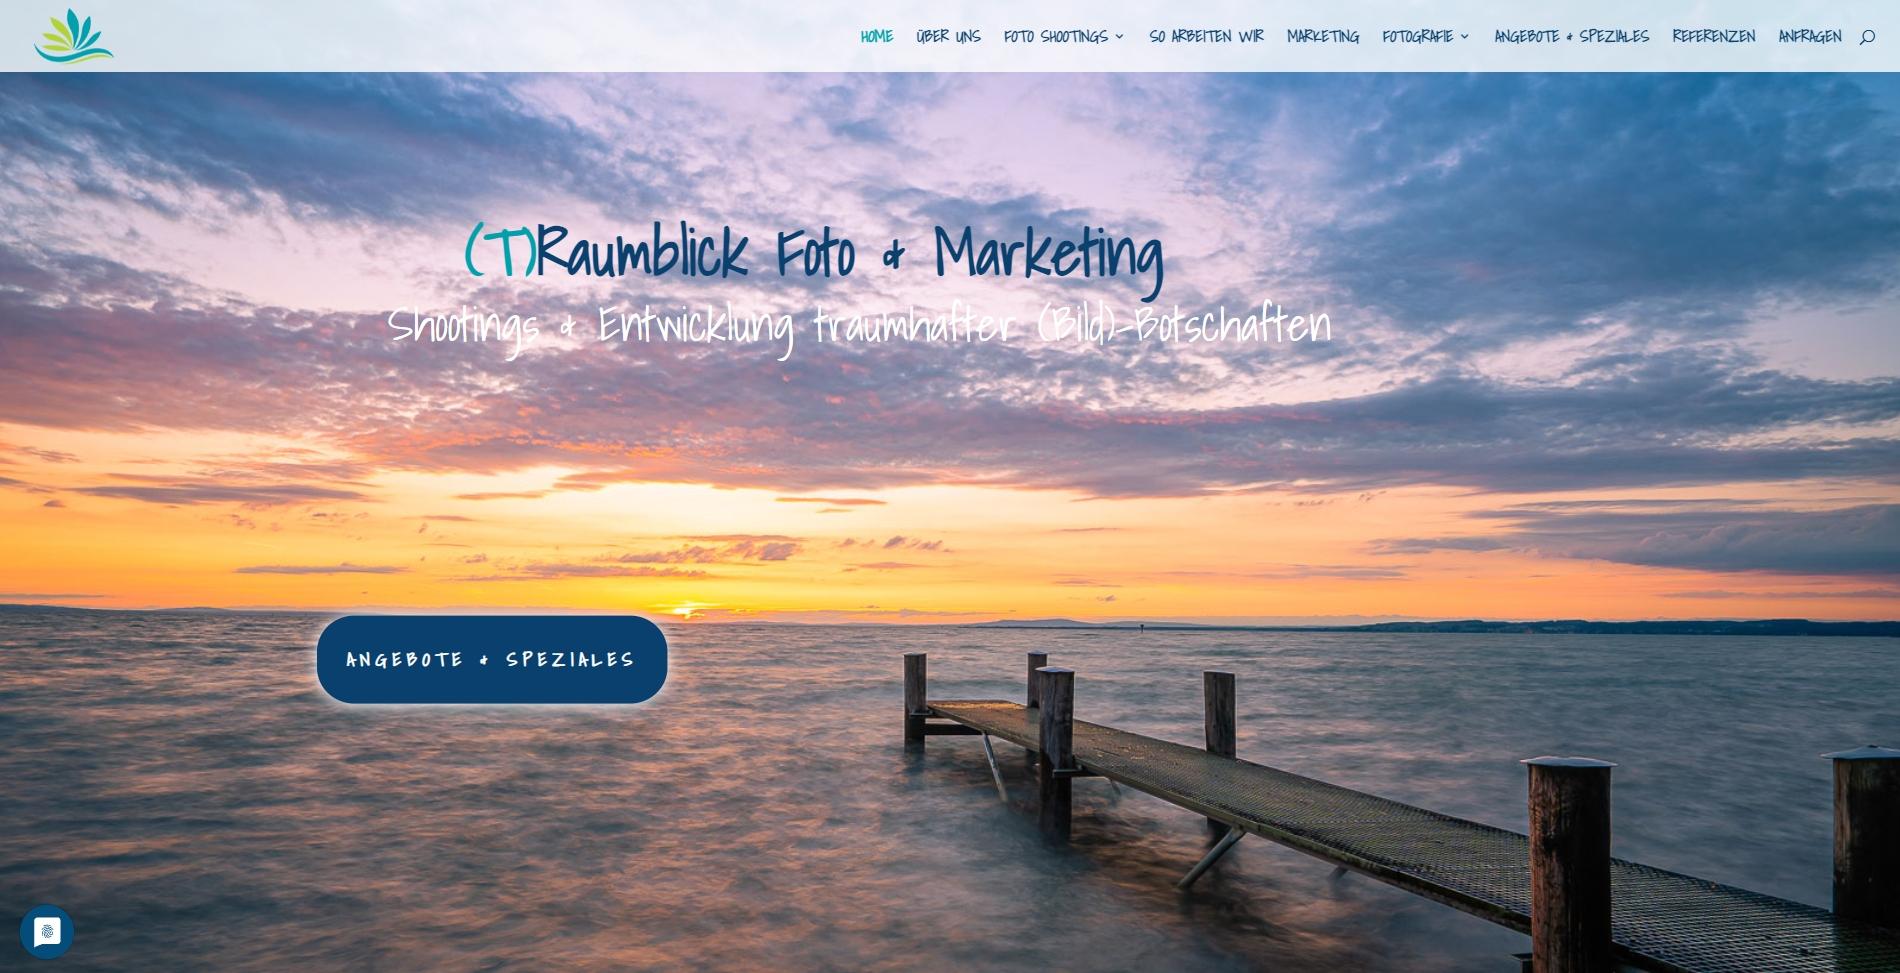 traumblick-foto-marketing